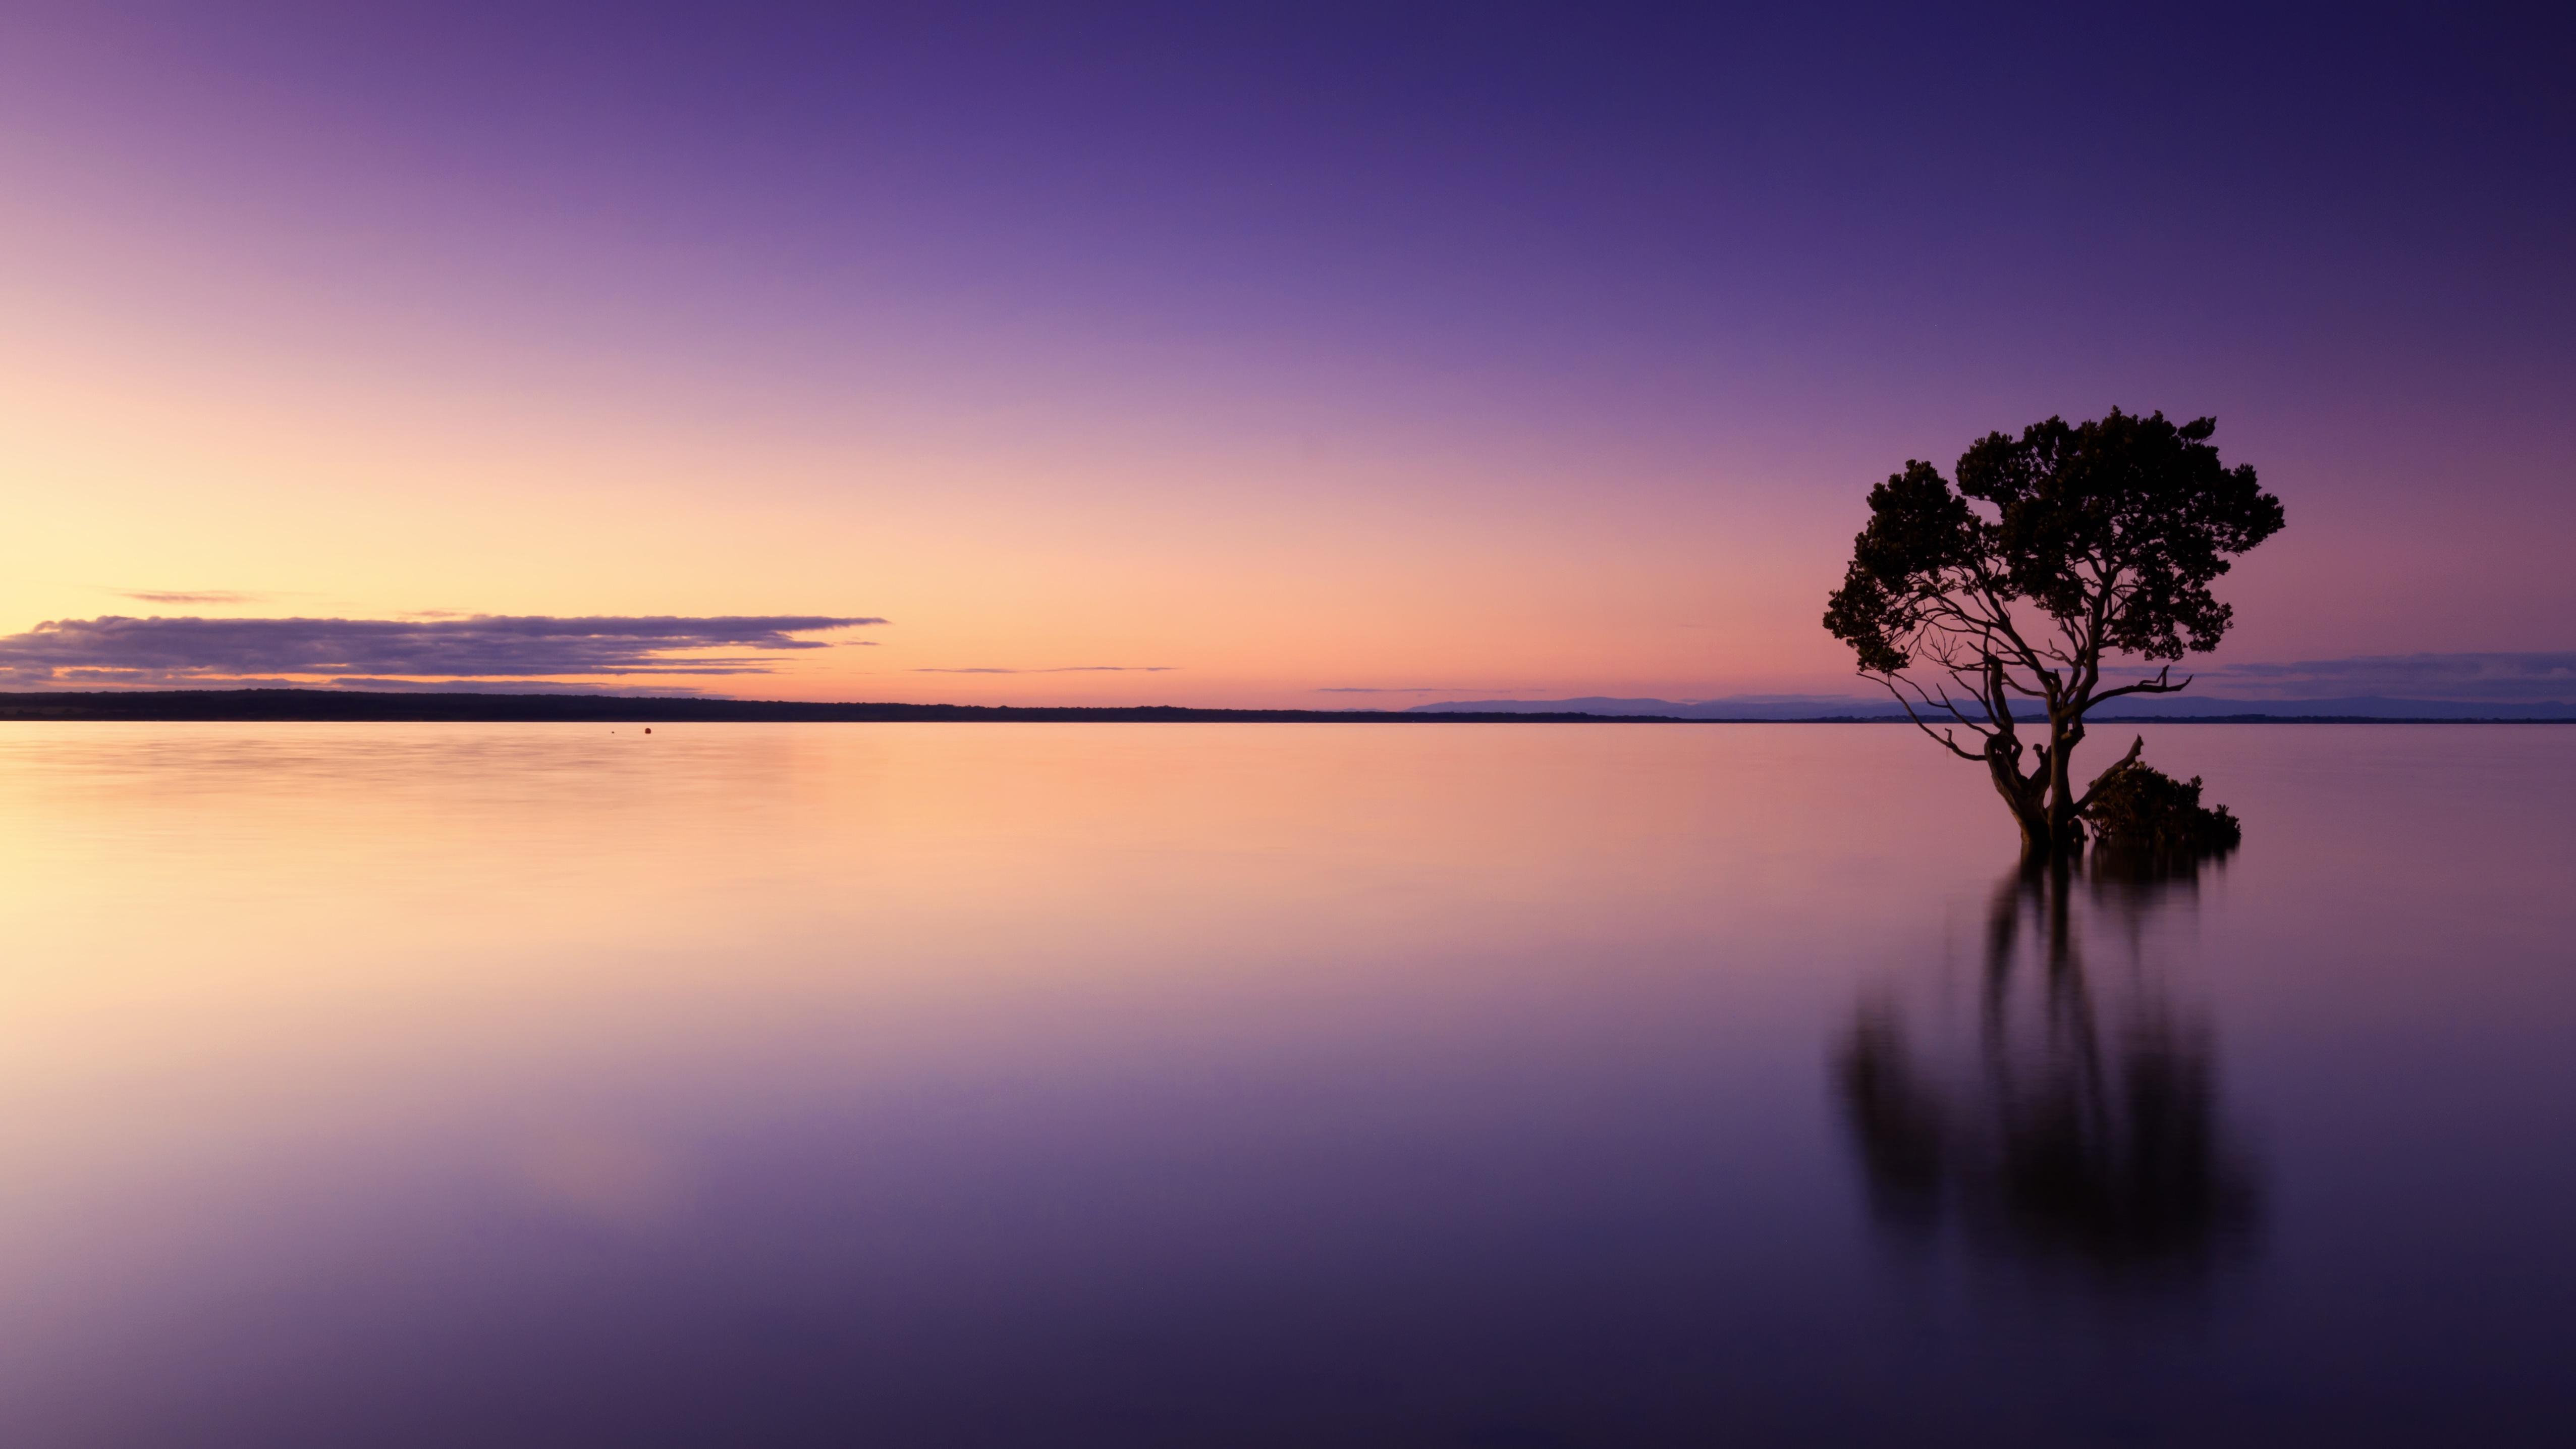 148955 завантажити шпалери Природа, Небо, Вода, Захід, Озеро, Дерево, Вечір, Пурпурний - заставки і картинки безкоштовно